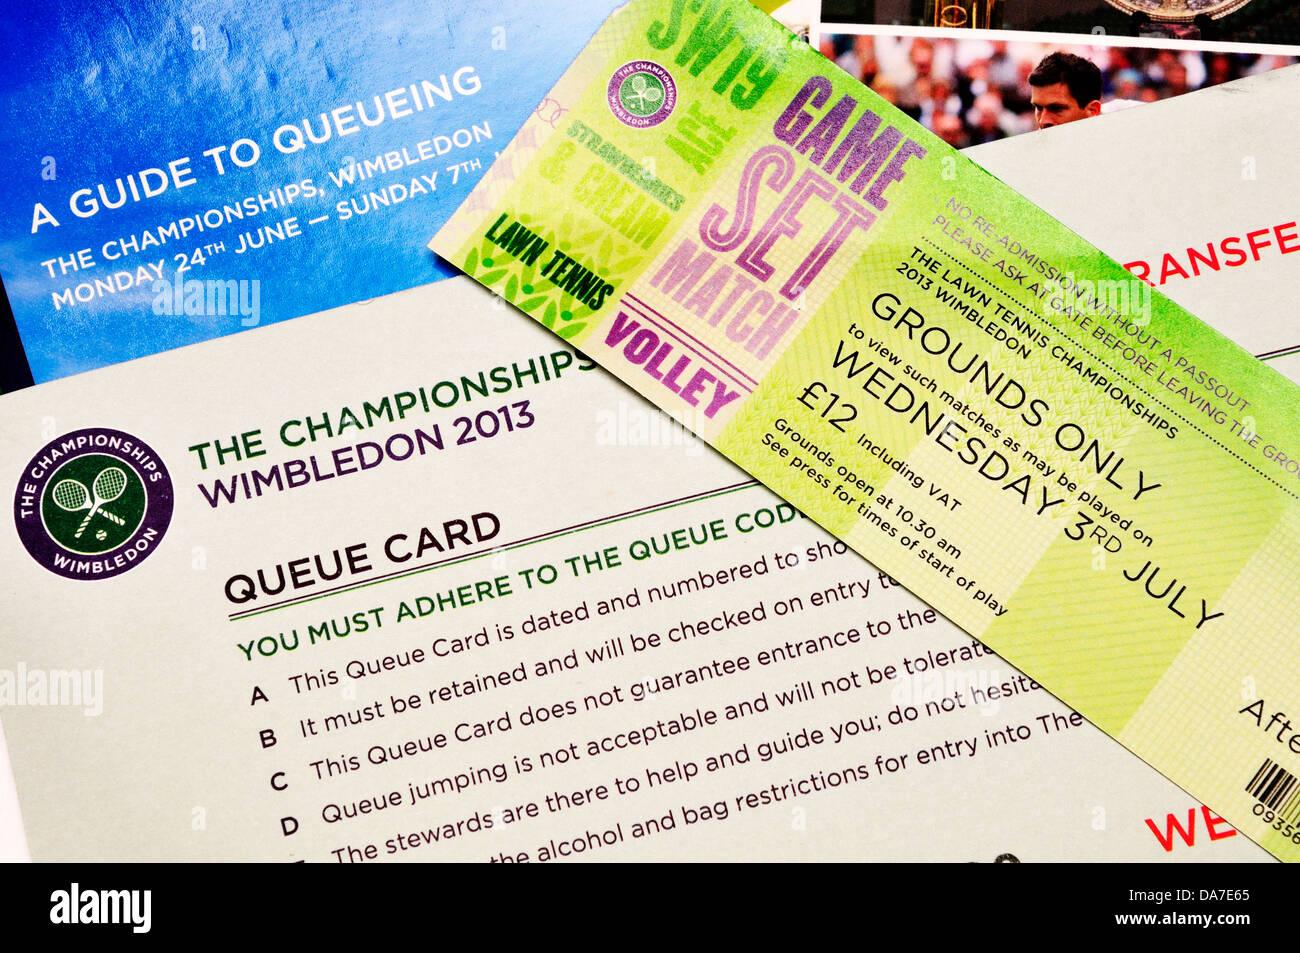 Wimbledon 2013 - ticket entrée tardive, badge et carte de file d'attente un «Guide de l' Photo Stock